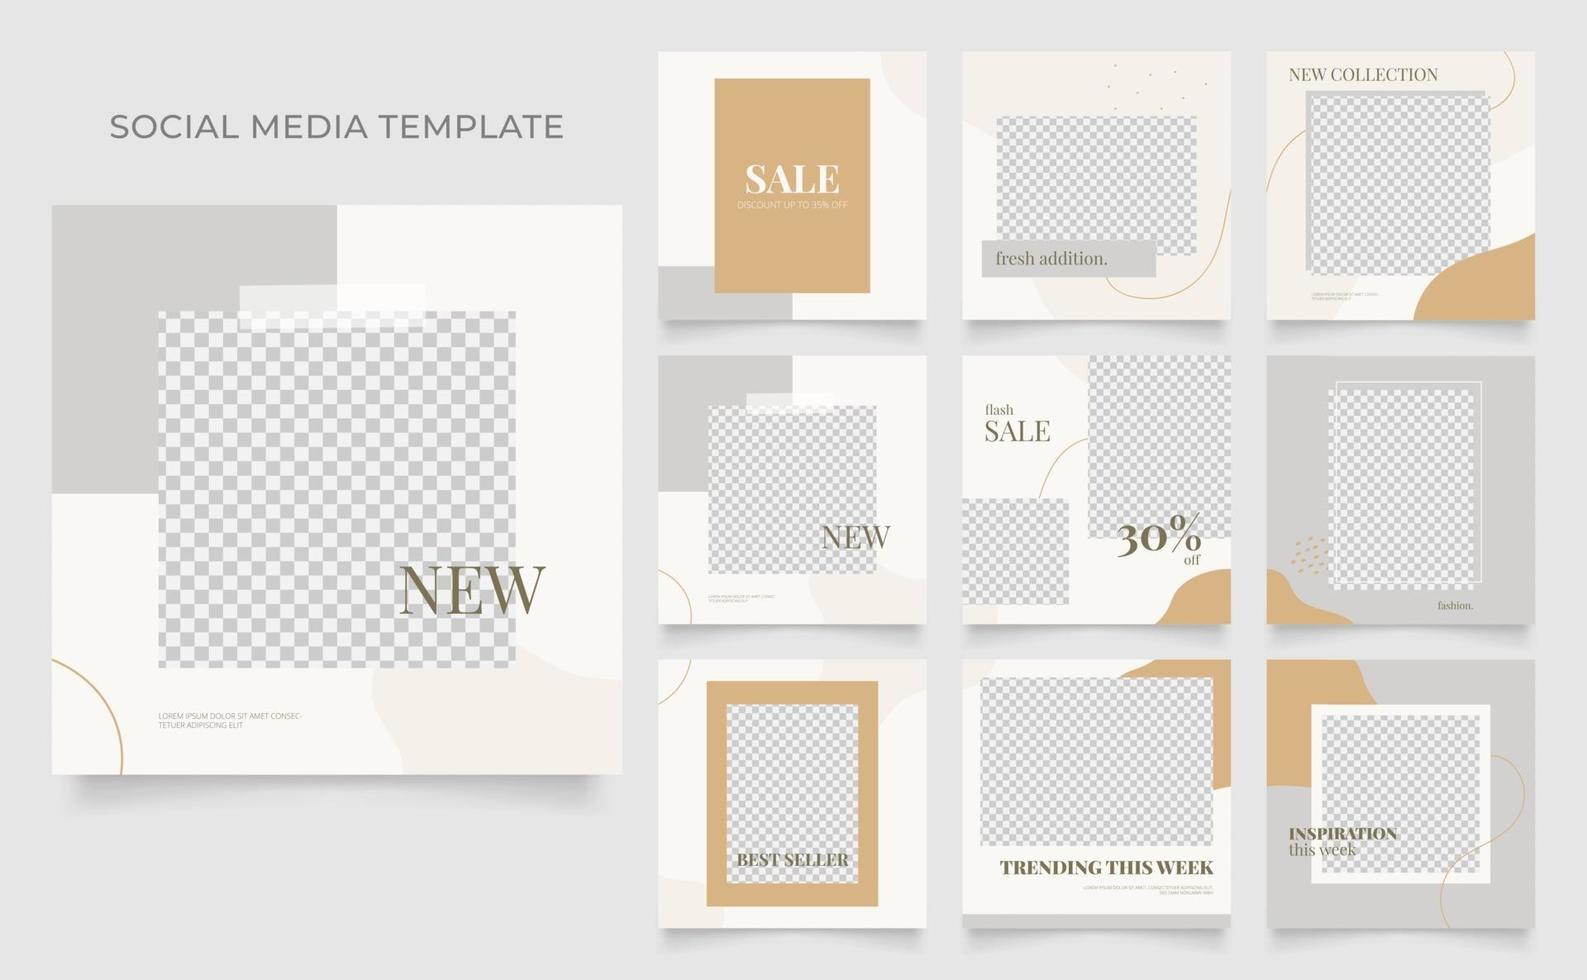 sociale media sjabloon banner blog mode verkoop promotie. volledig bewerkbare vierkante postframe puzzel organische verkoop poster. bruin grijs witte vector achtergrond